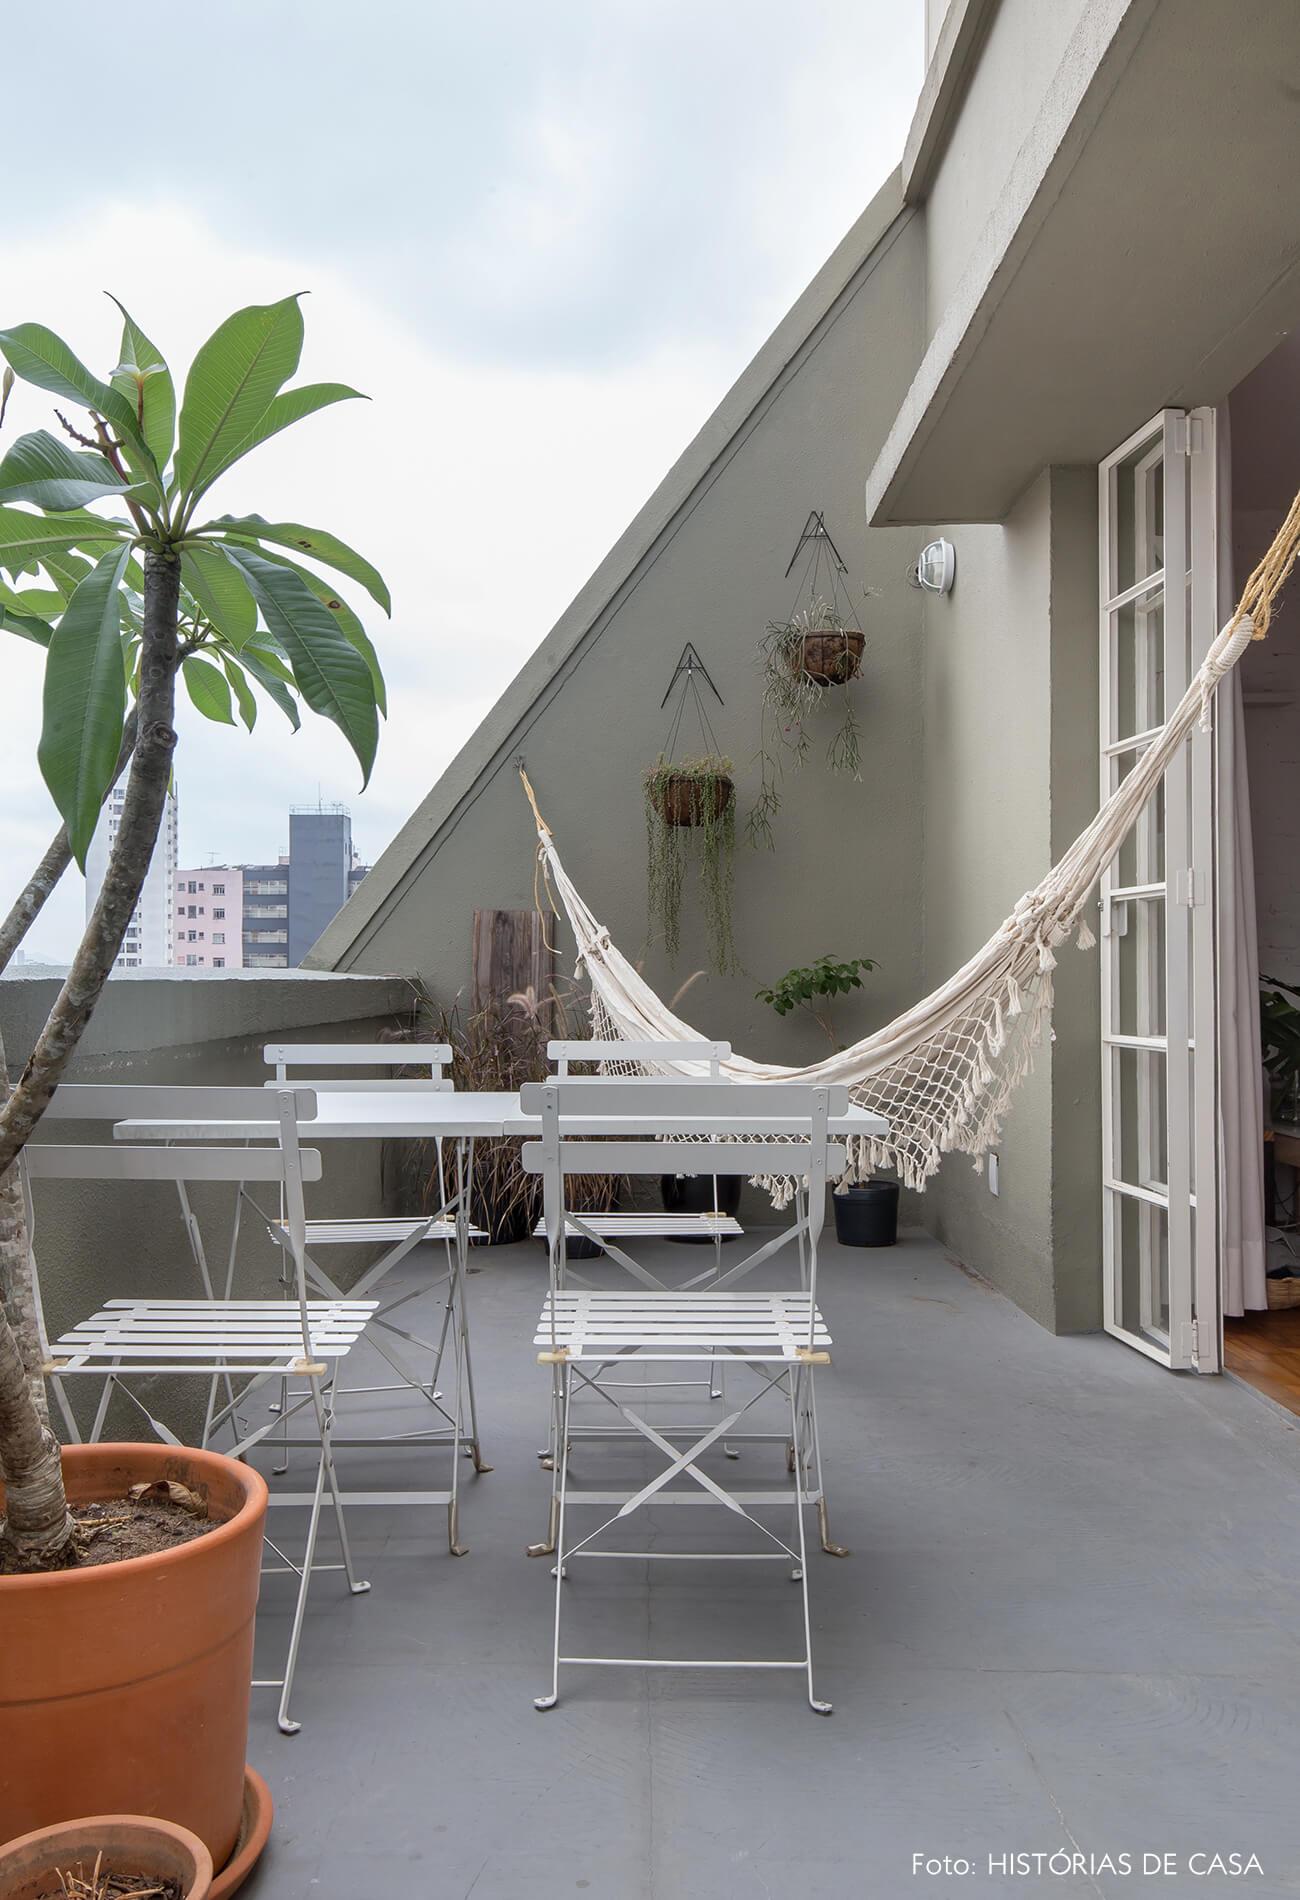 Apartamento no centro de São Paulo com varanda e rede de balanço